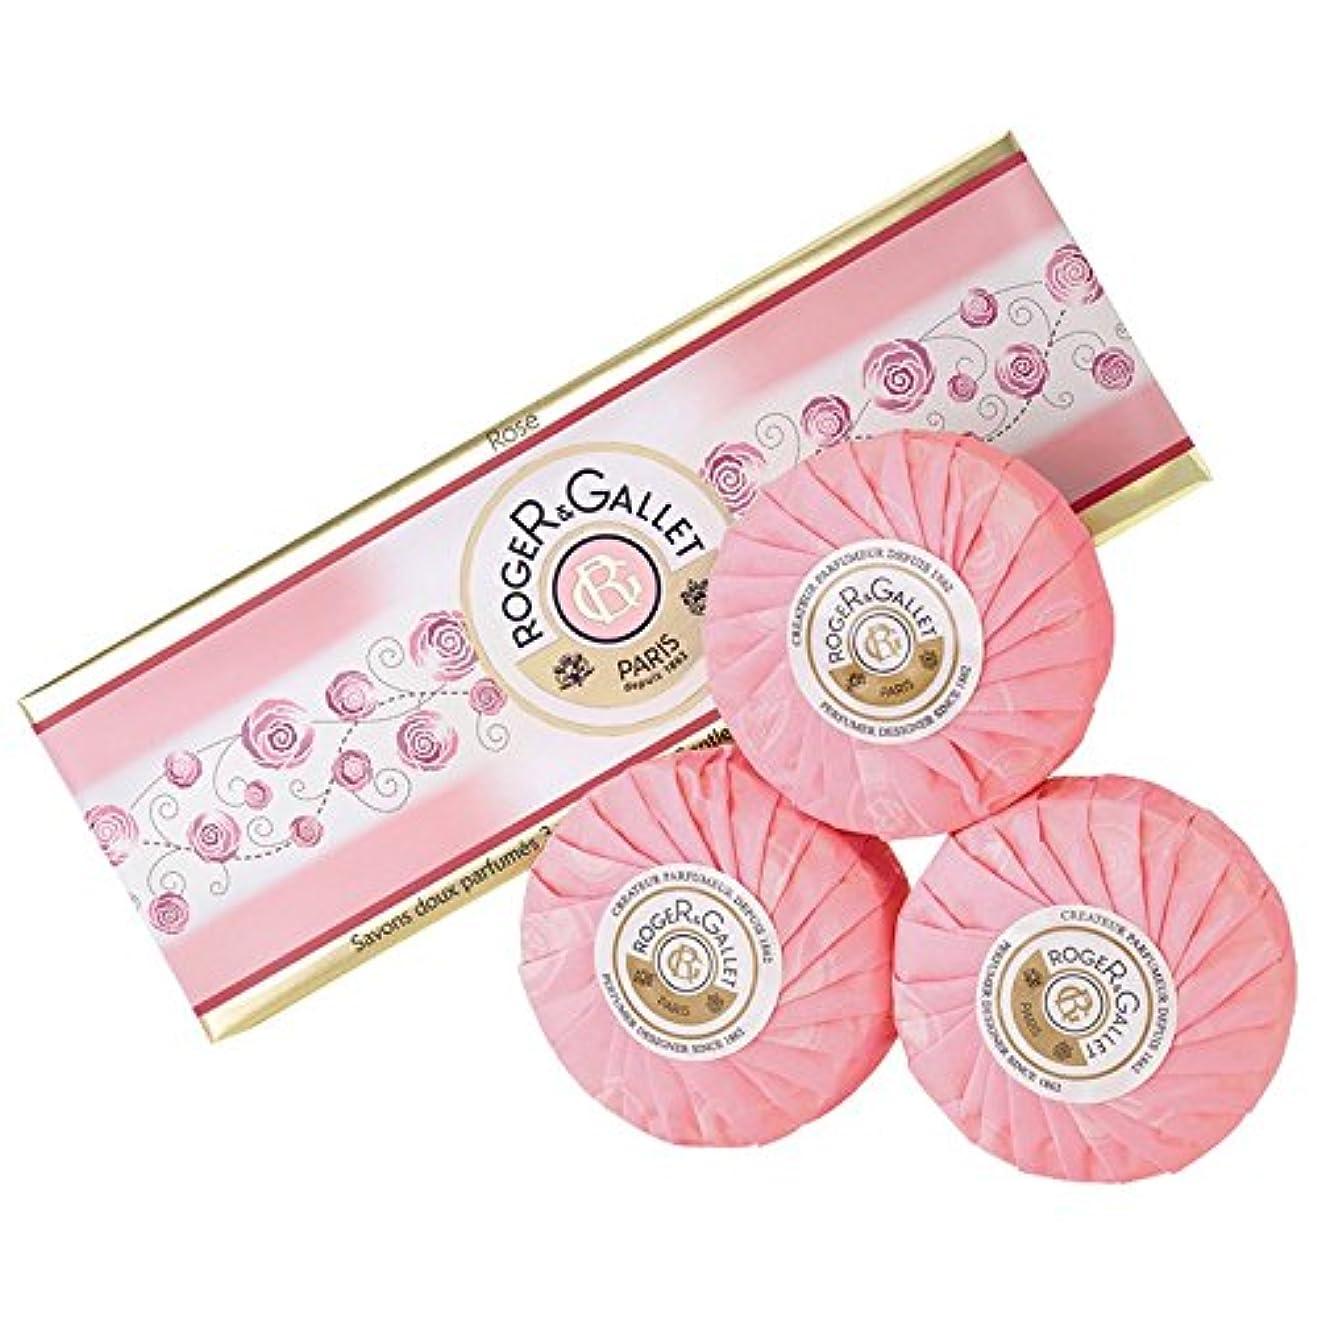 マイクロプロセッサ地域のハイランドロジャー&Galletのは石鹸コフレ3つのX 100グラムをバラ (Roger & Gallet) (x6) - Roger & Gallet Rose Soap Coffret 3 x 100g (Pack of 6)...